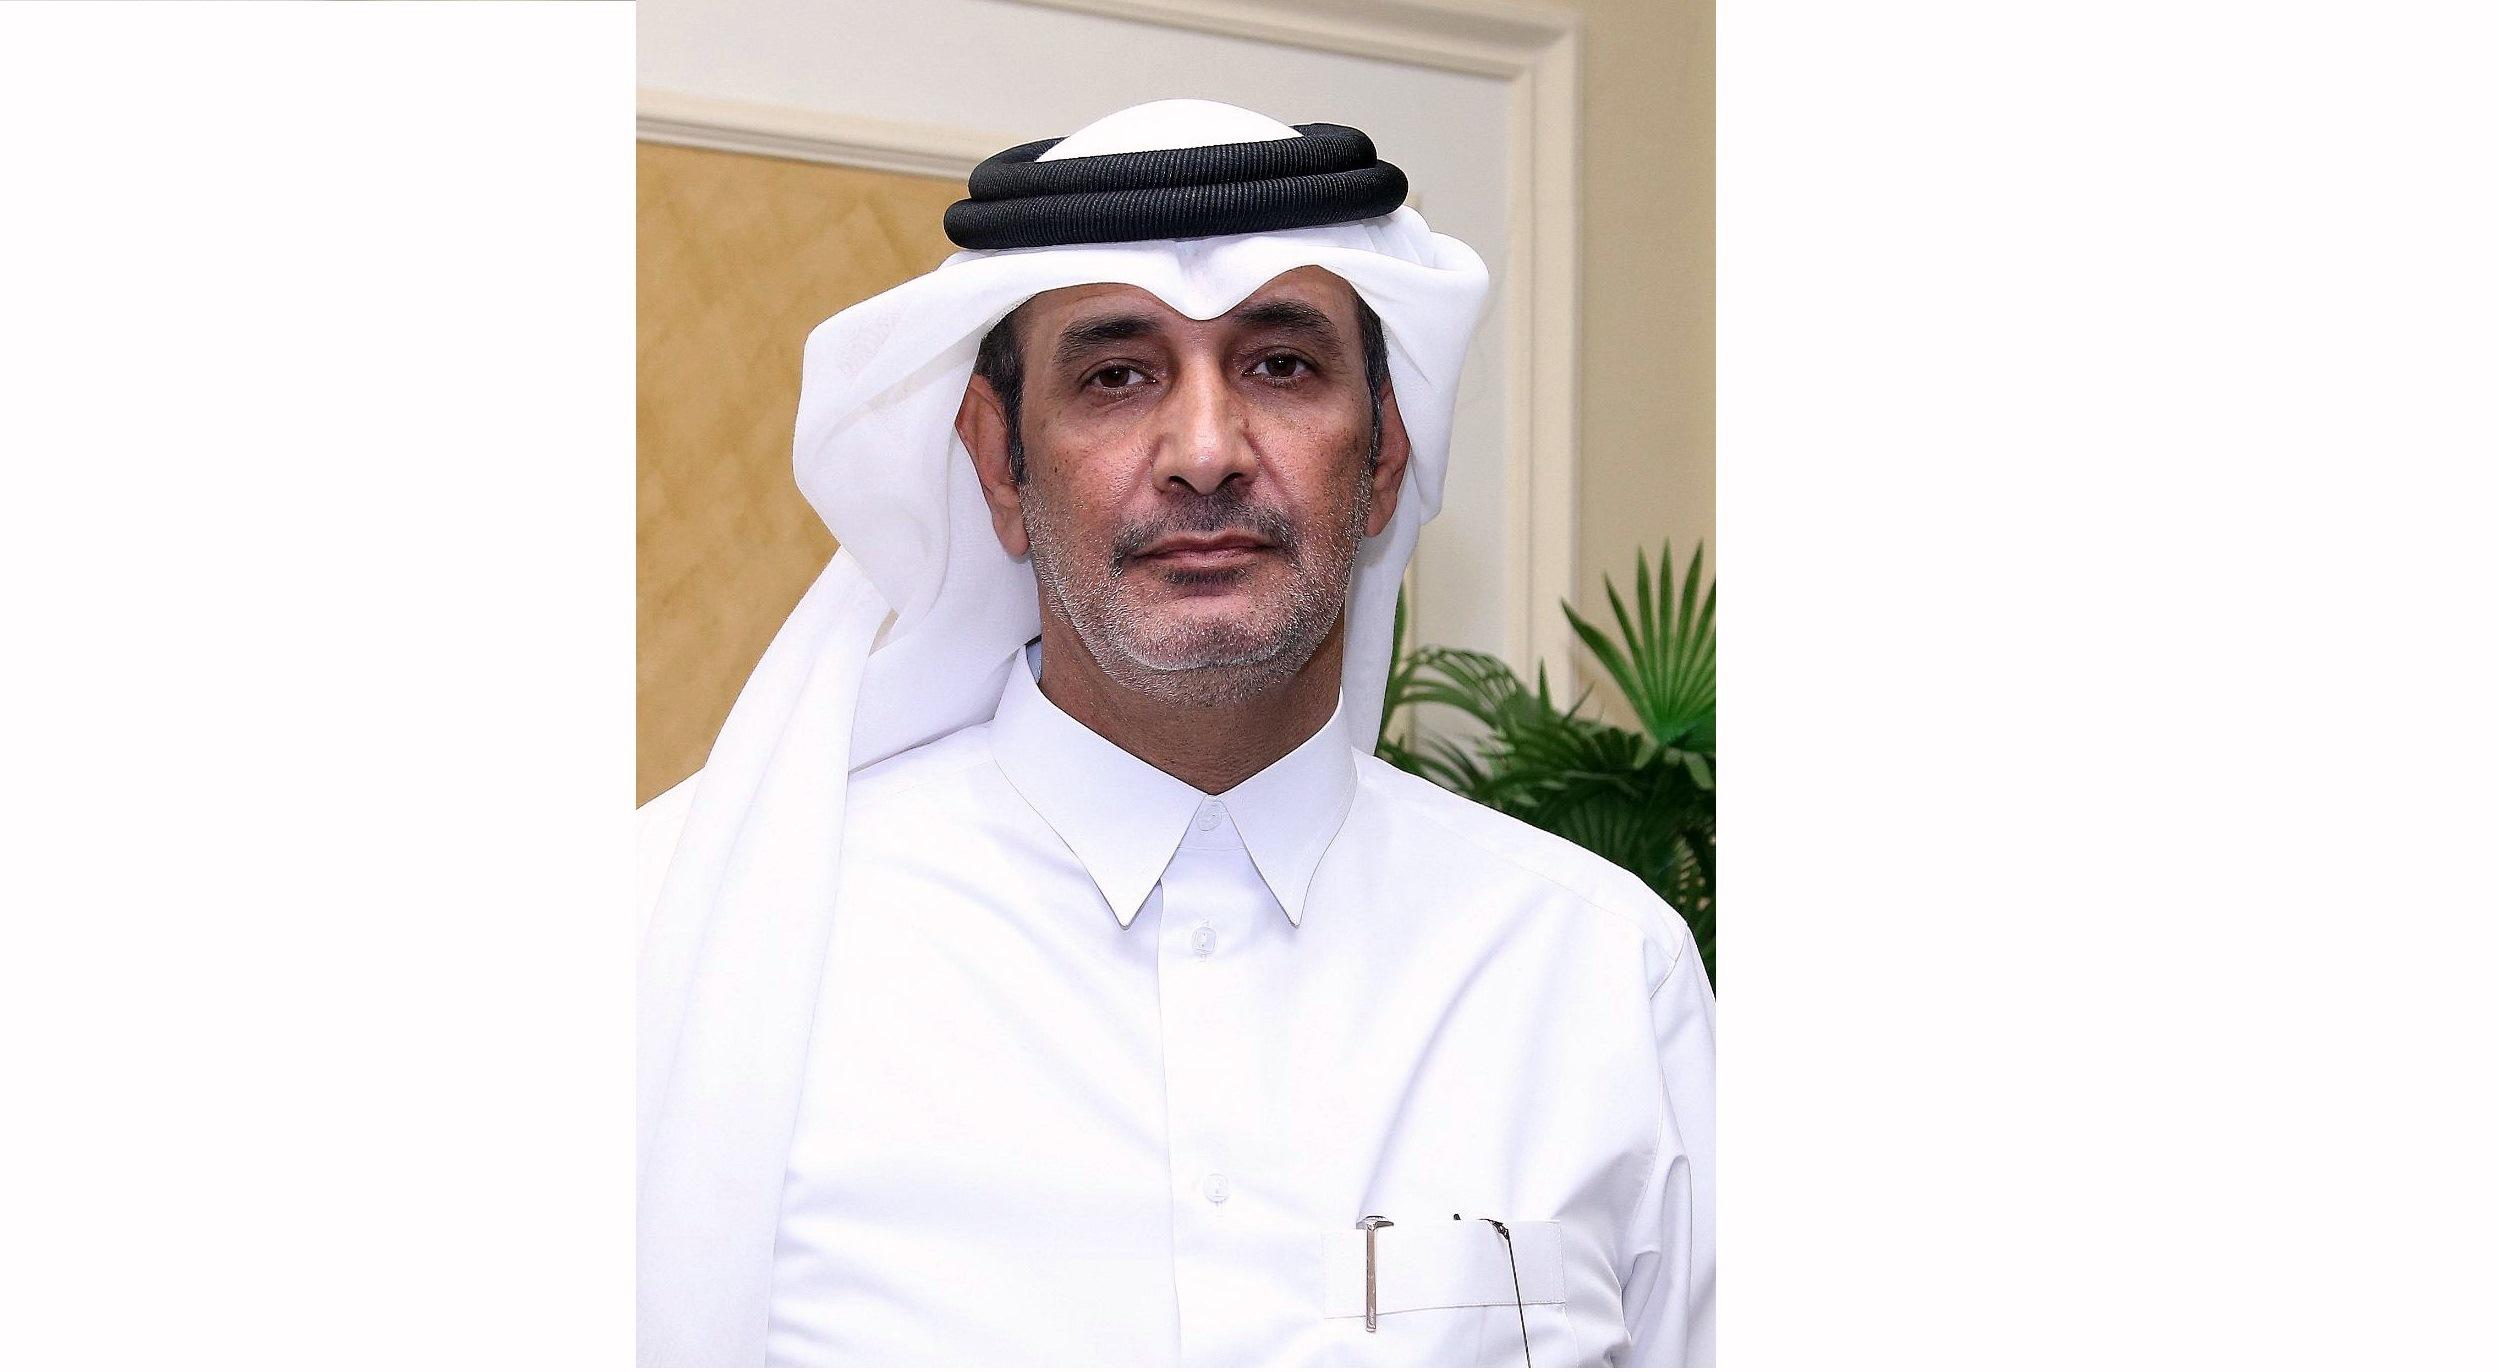 عبدالله الكواري: انطلاقة قوية لأغلى المهرجانات.. ونترقب مفاجآت كثيرة